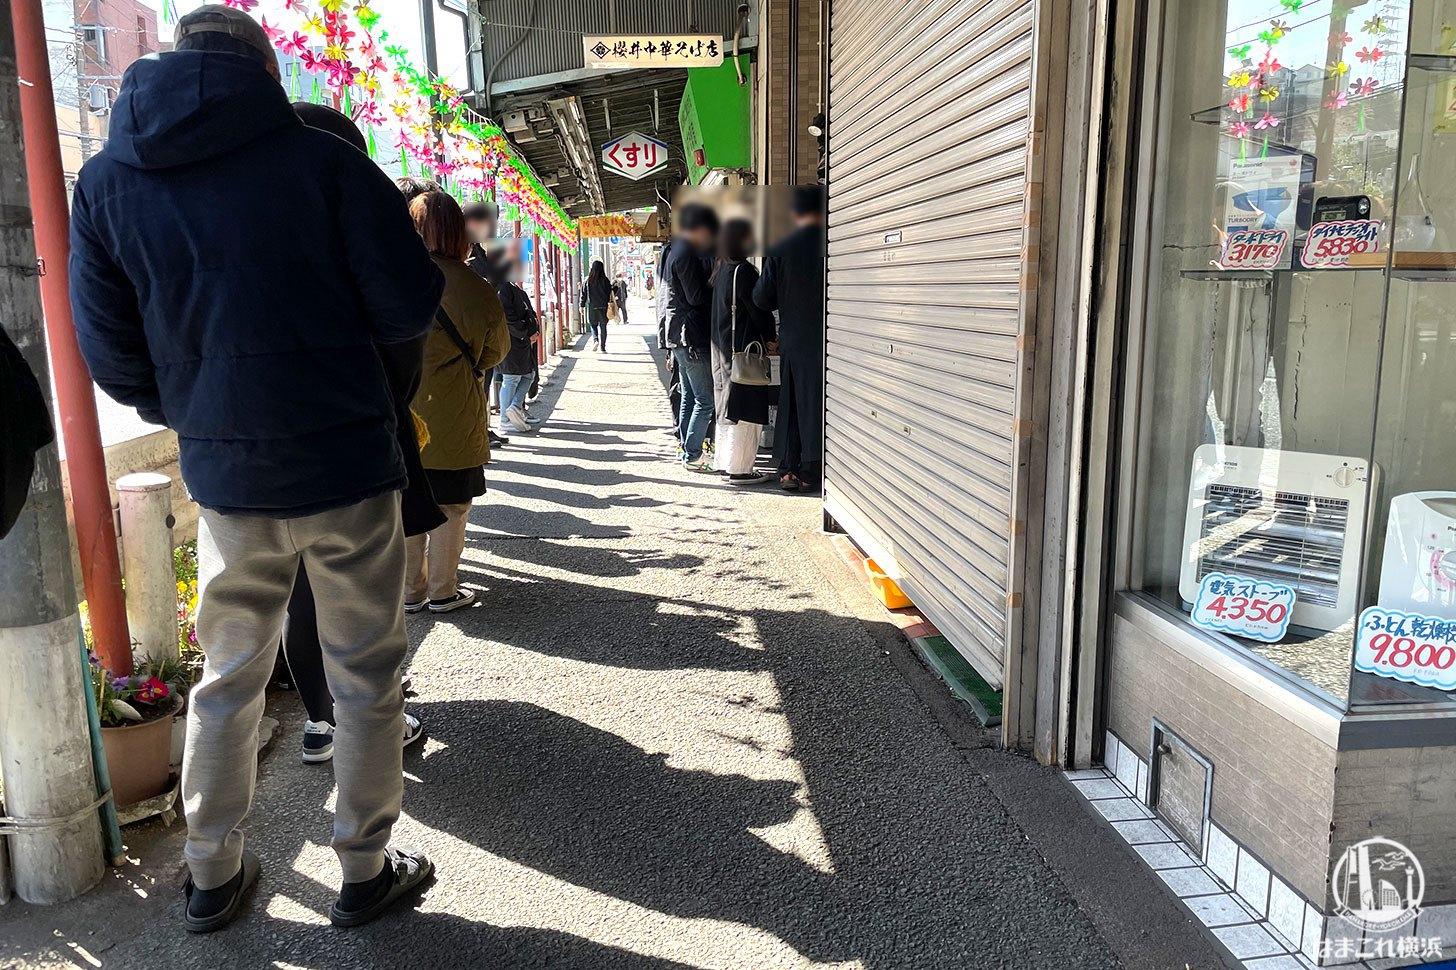 櫻井中華そば店 行列